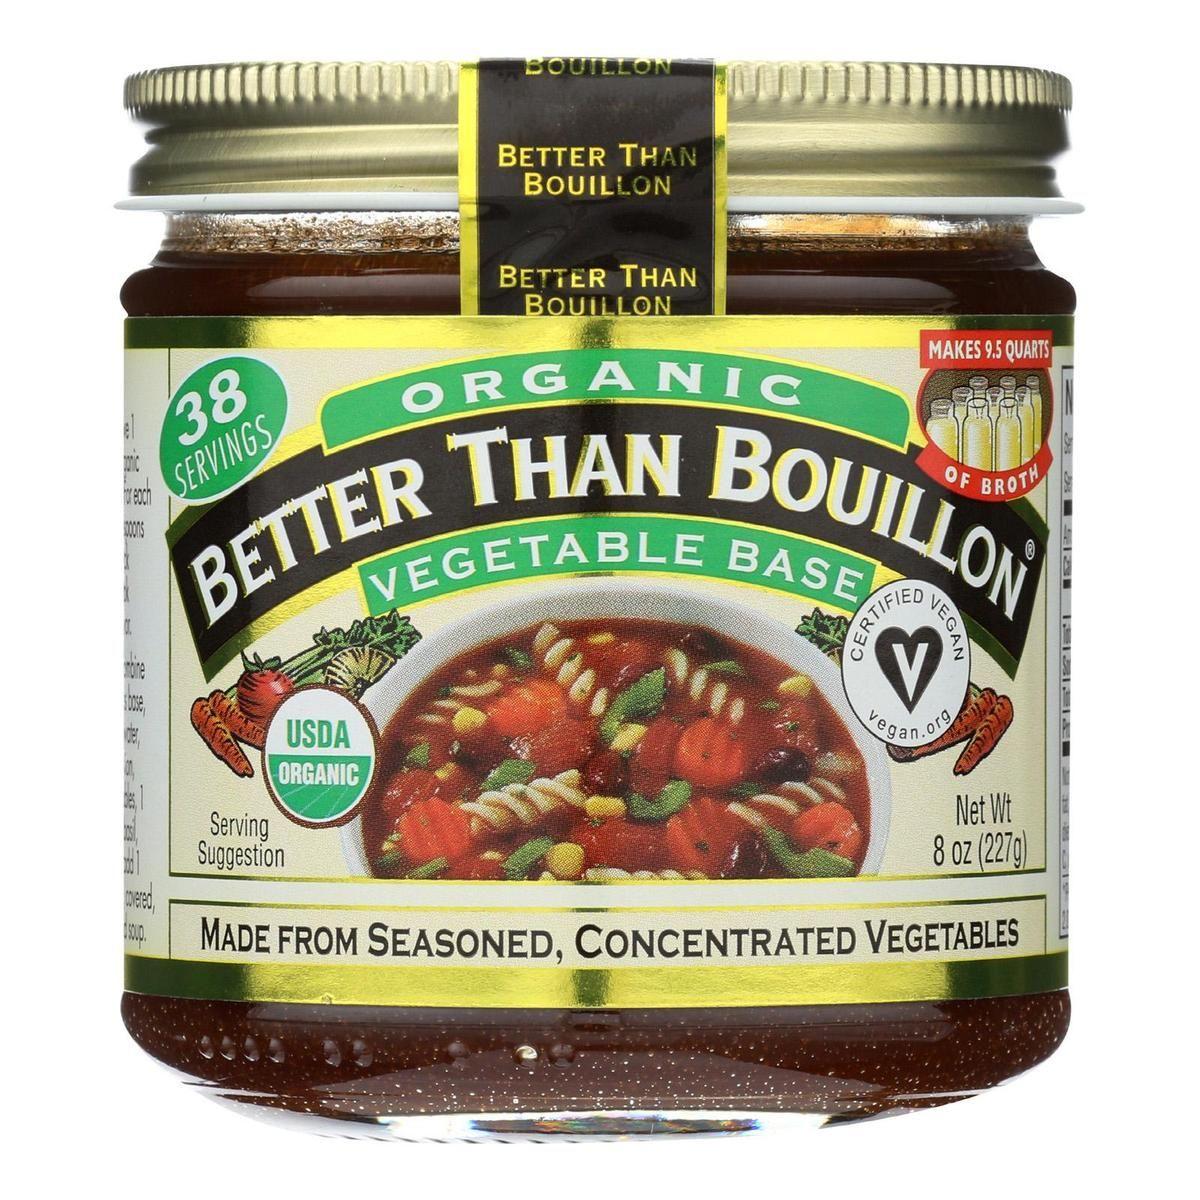 Better Than Bouillon Organic Seasoned Vegetable Base